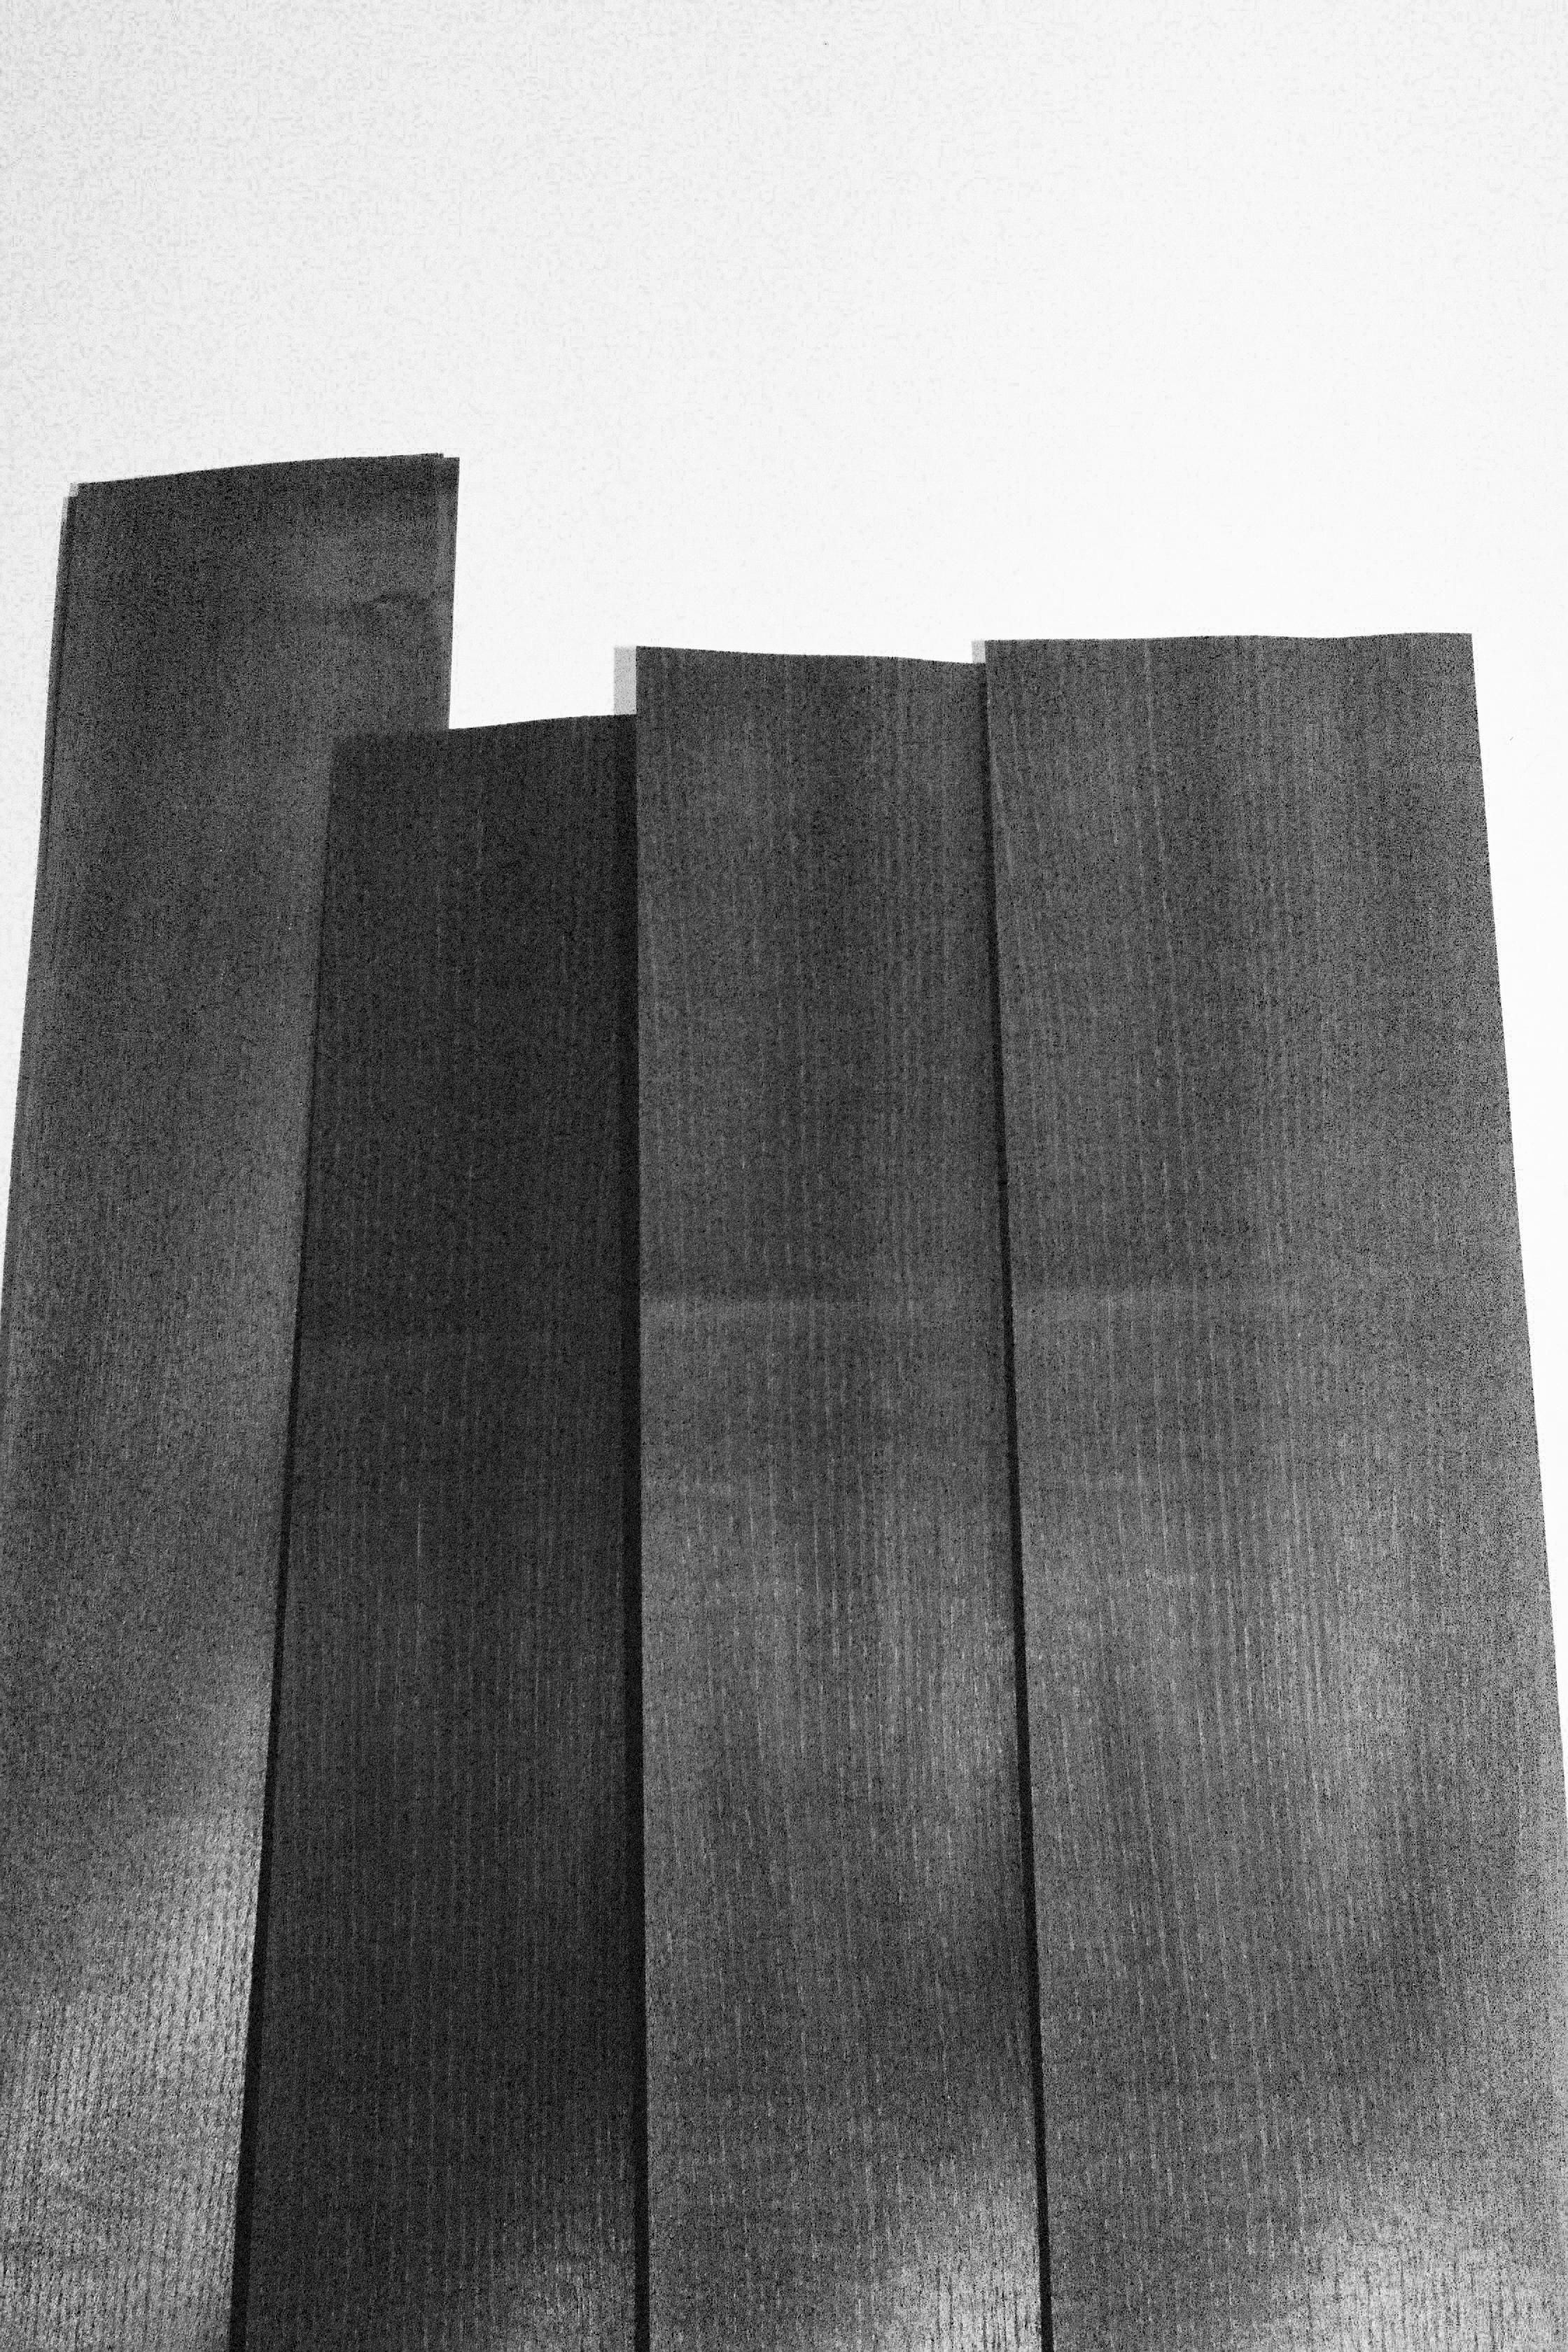 Tous nos bois sont  certifiés FSC / PEFC  - Merci à Laurie Franck ©